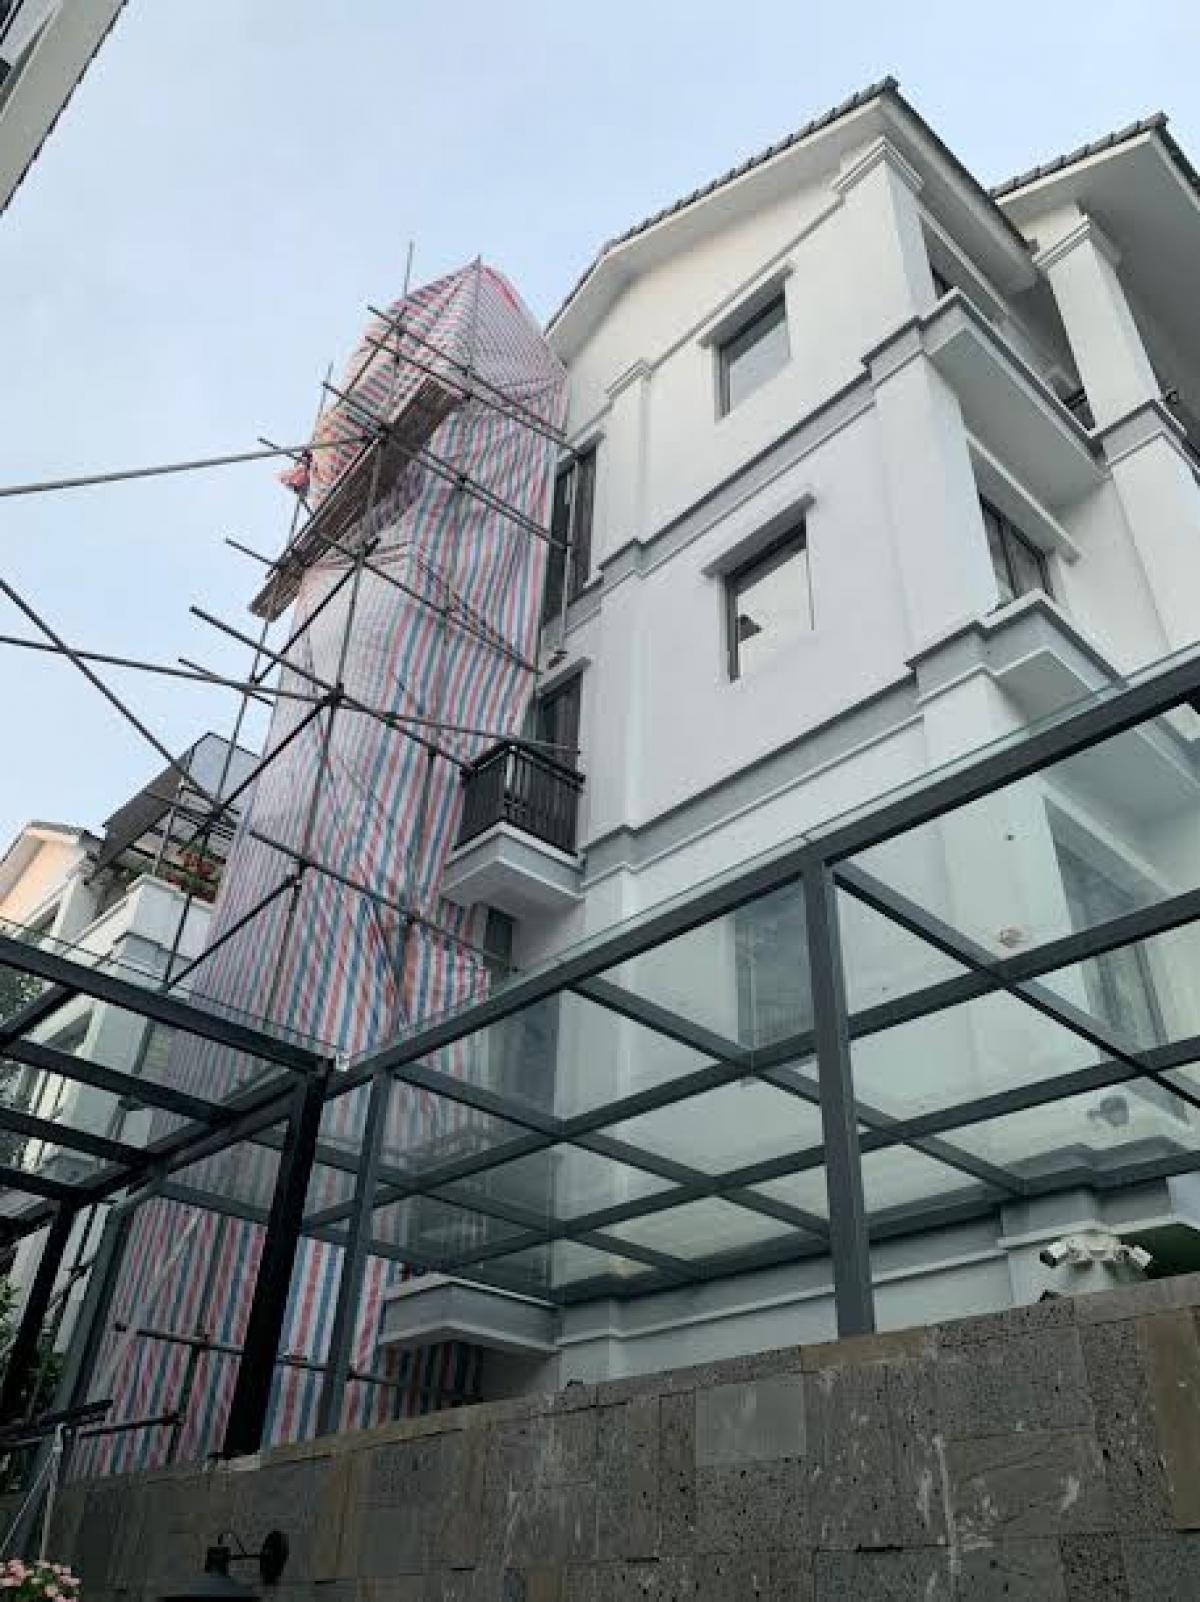 Căn hộ trong Khu đô thị Gamuda Gardens tự ý dựng thang máy trái phép ngoài khoảng lưu không.